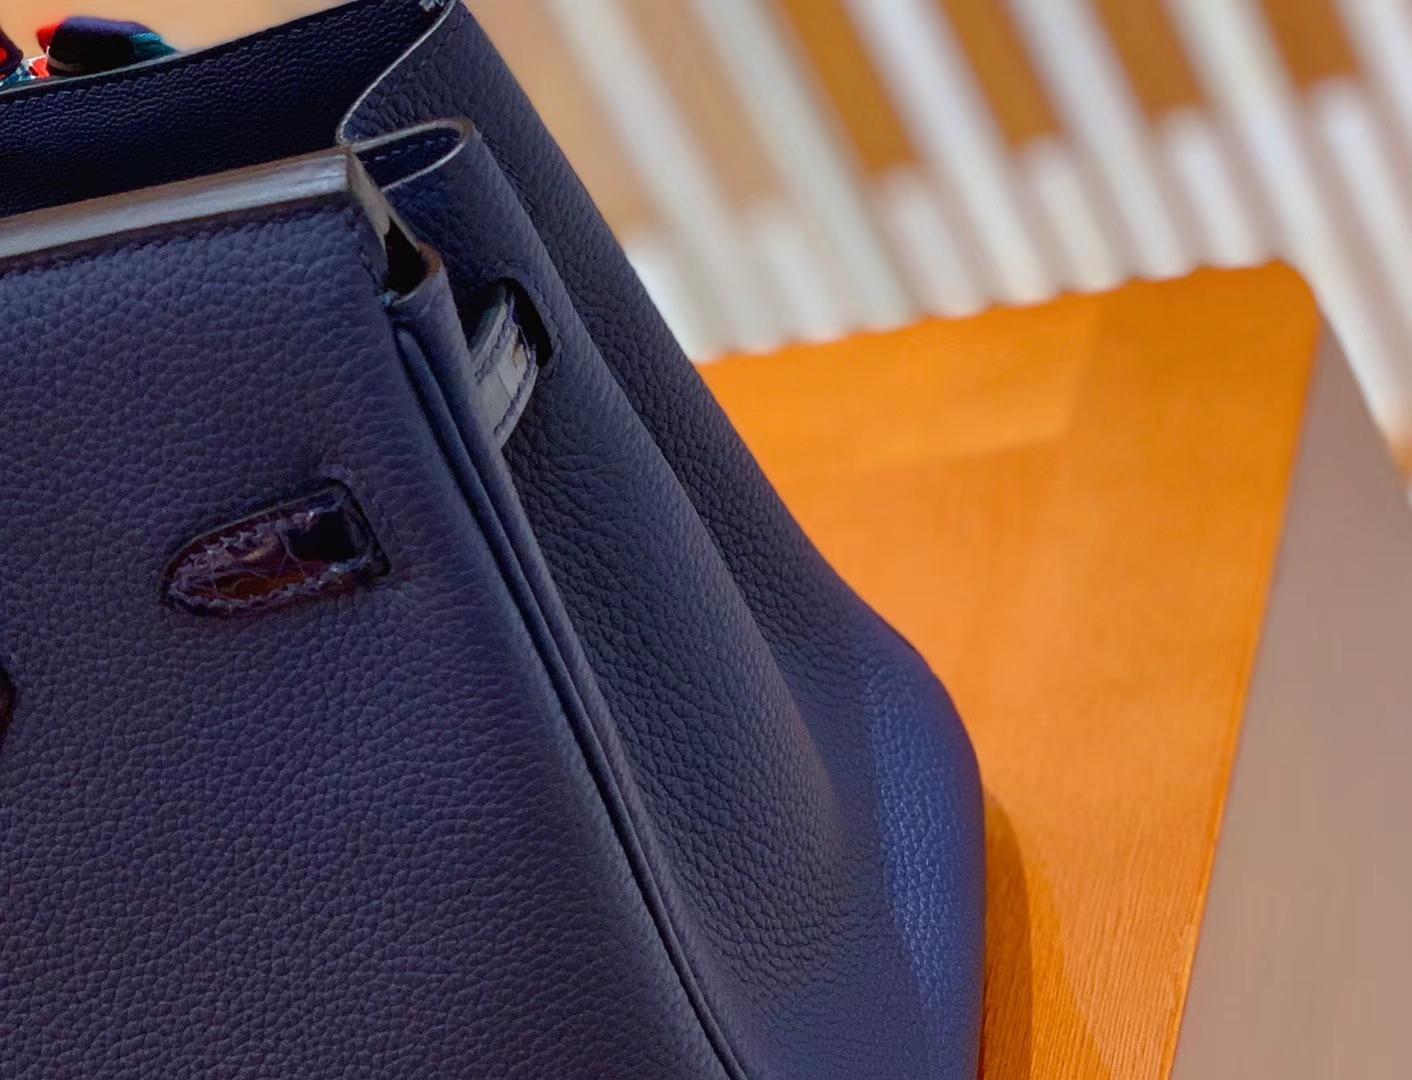 Hermès(爱马仕)Birkin 铂金包 午夜蓝 鳄鱼皮拼牛皮 金扣 25cm